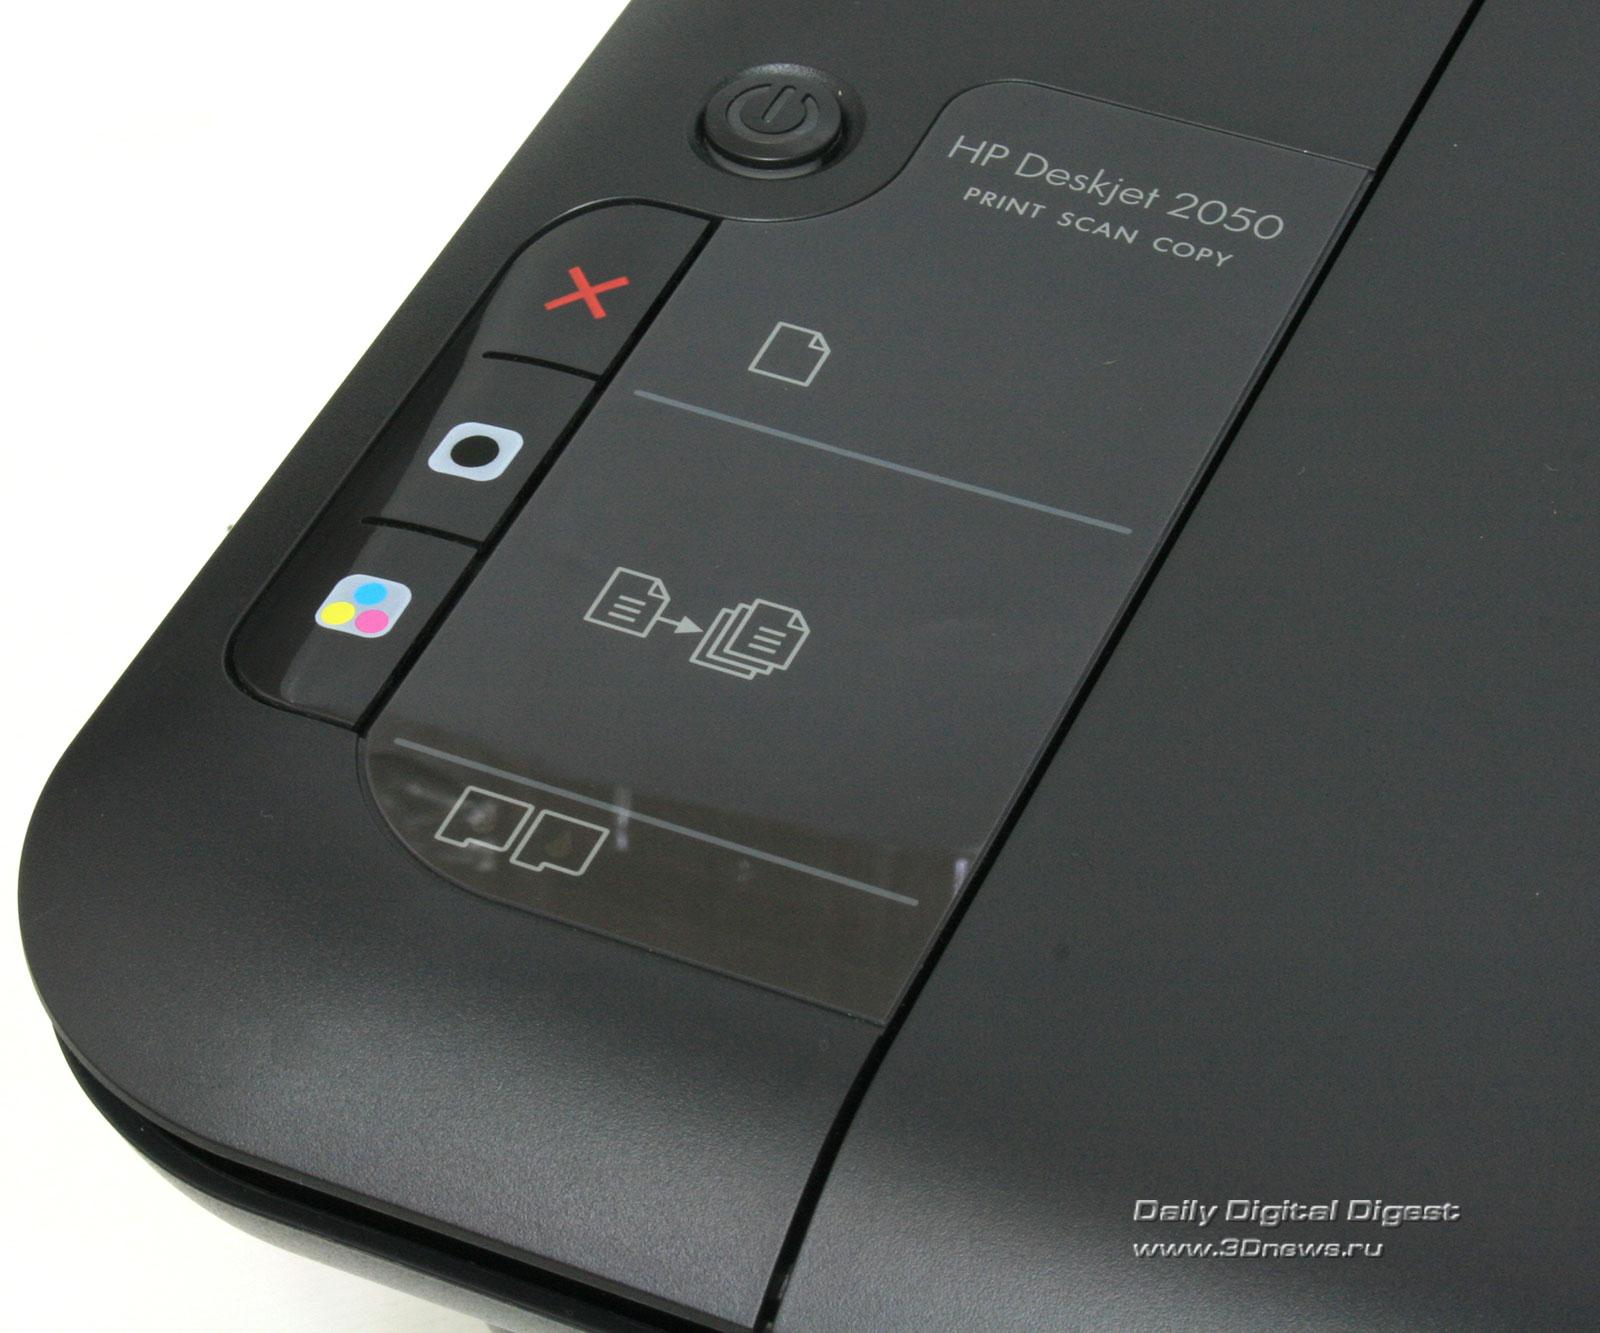 Surprising Drayver Na Printer Hp Deskjet 2050 Skachat Interior Design Ideas Skatsoteloinfo